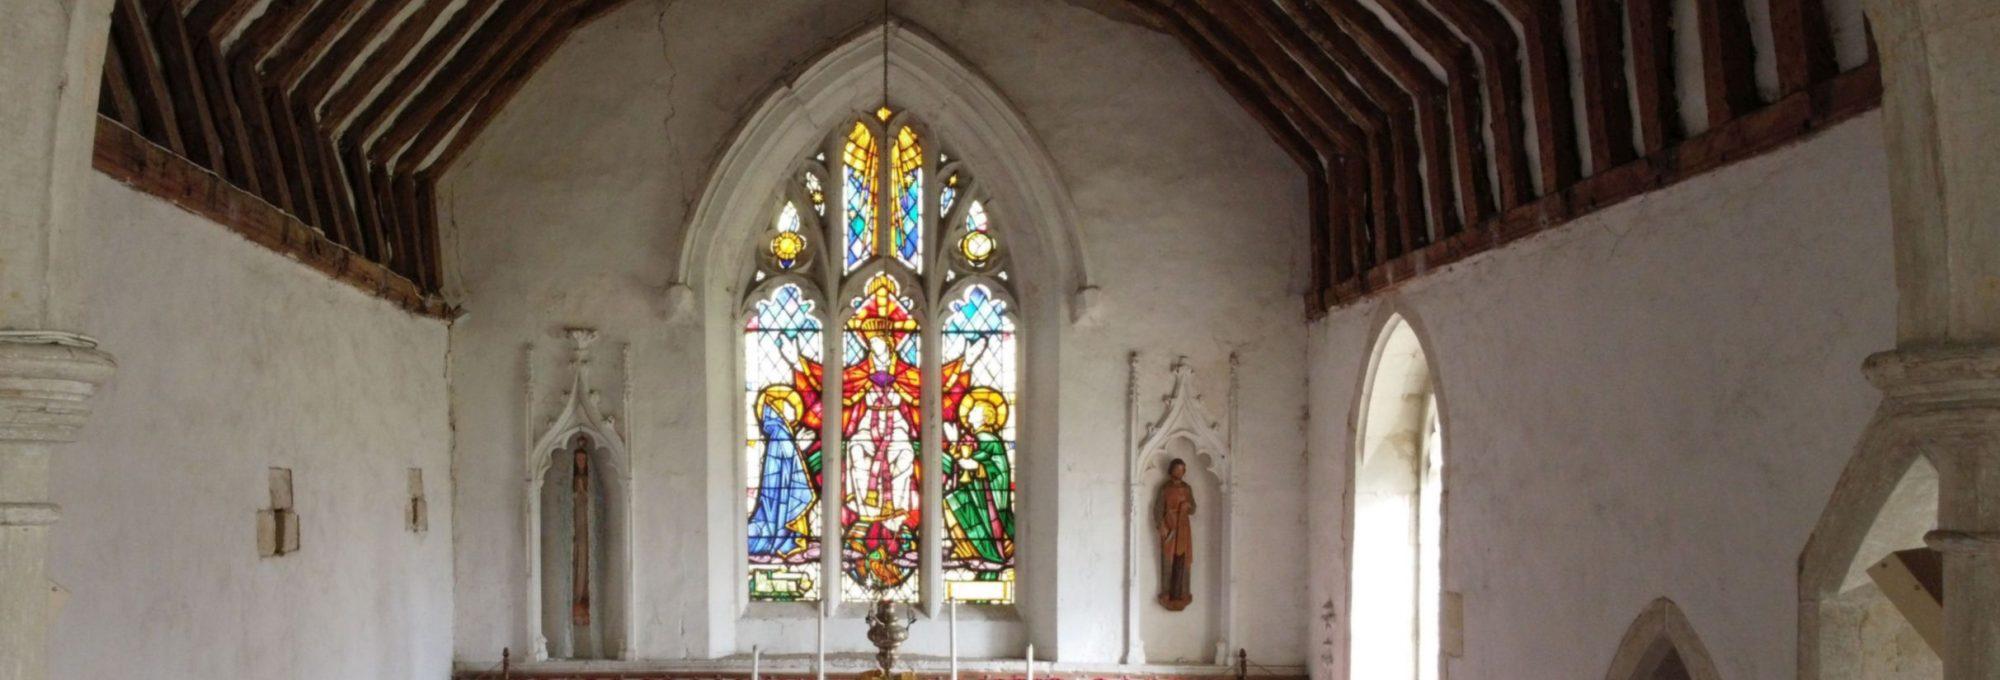 St Mary's Church Sundon